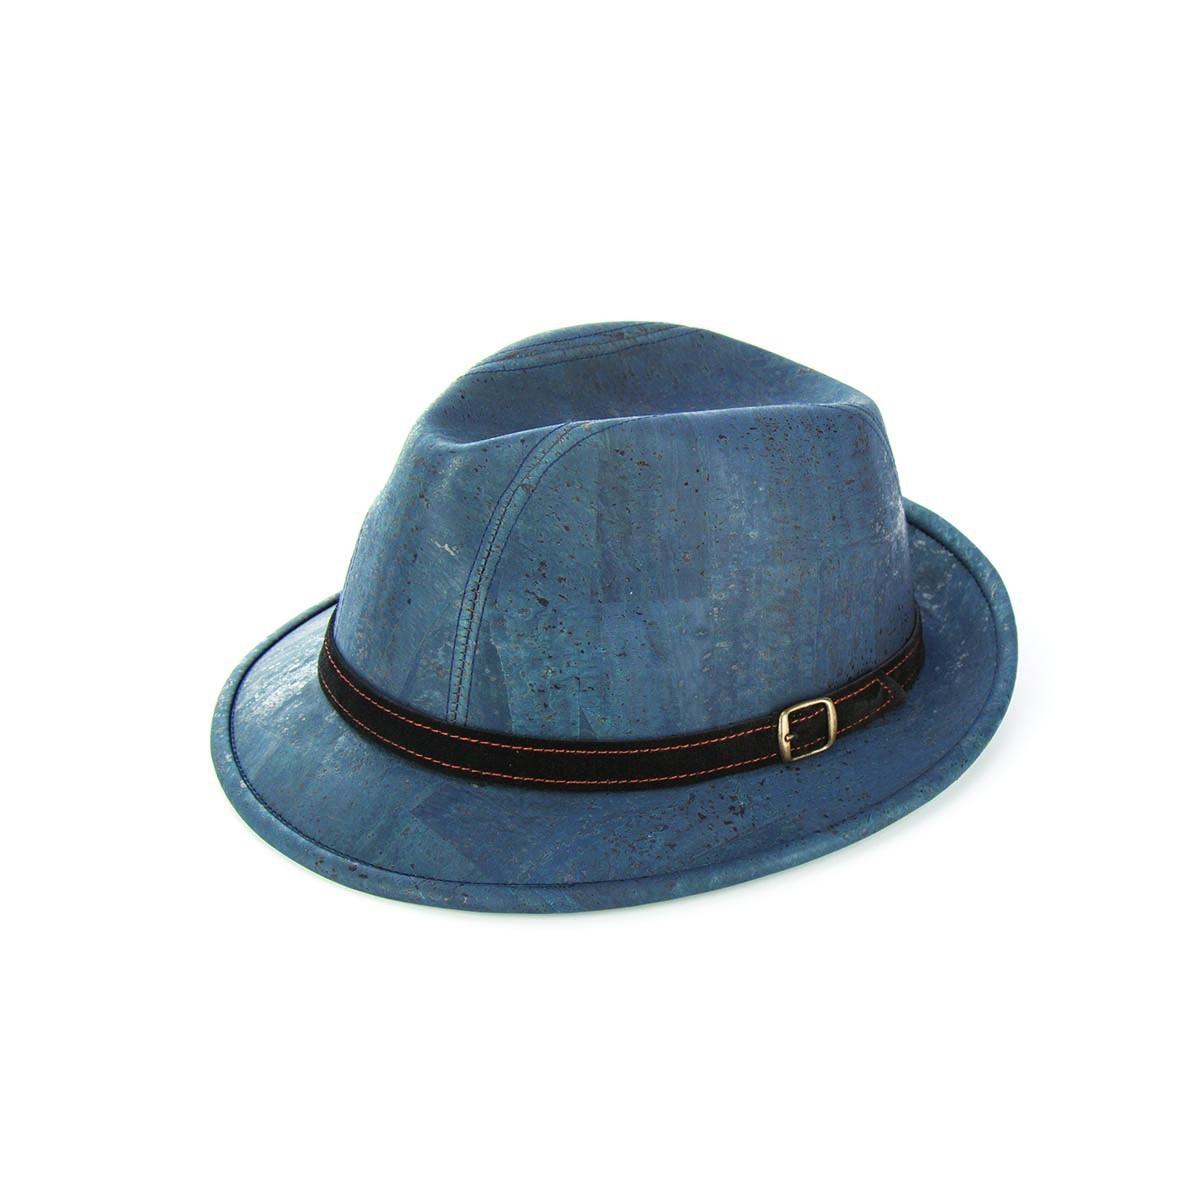 Cappello in sughero azzurro modello borsalino